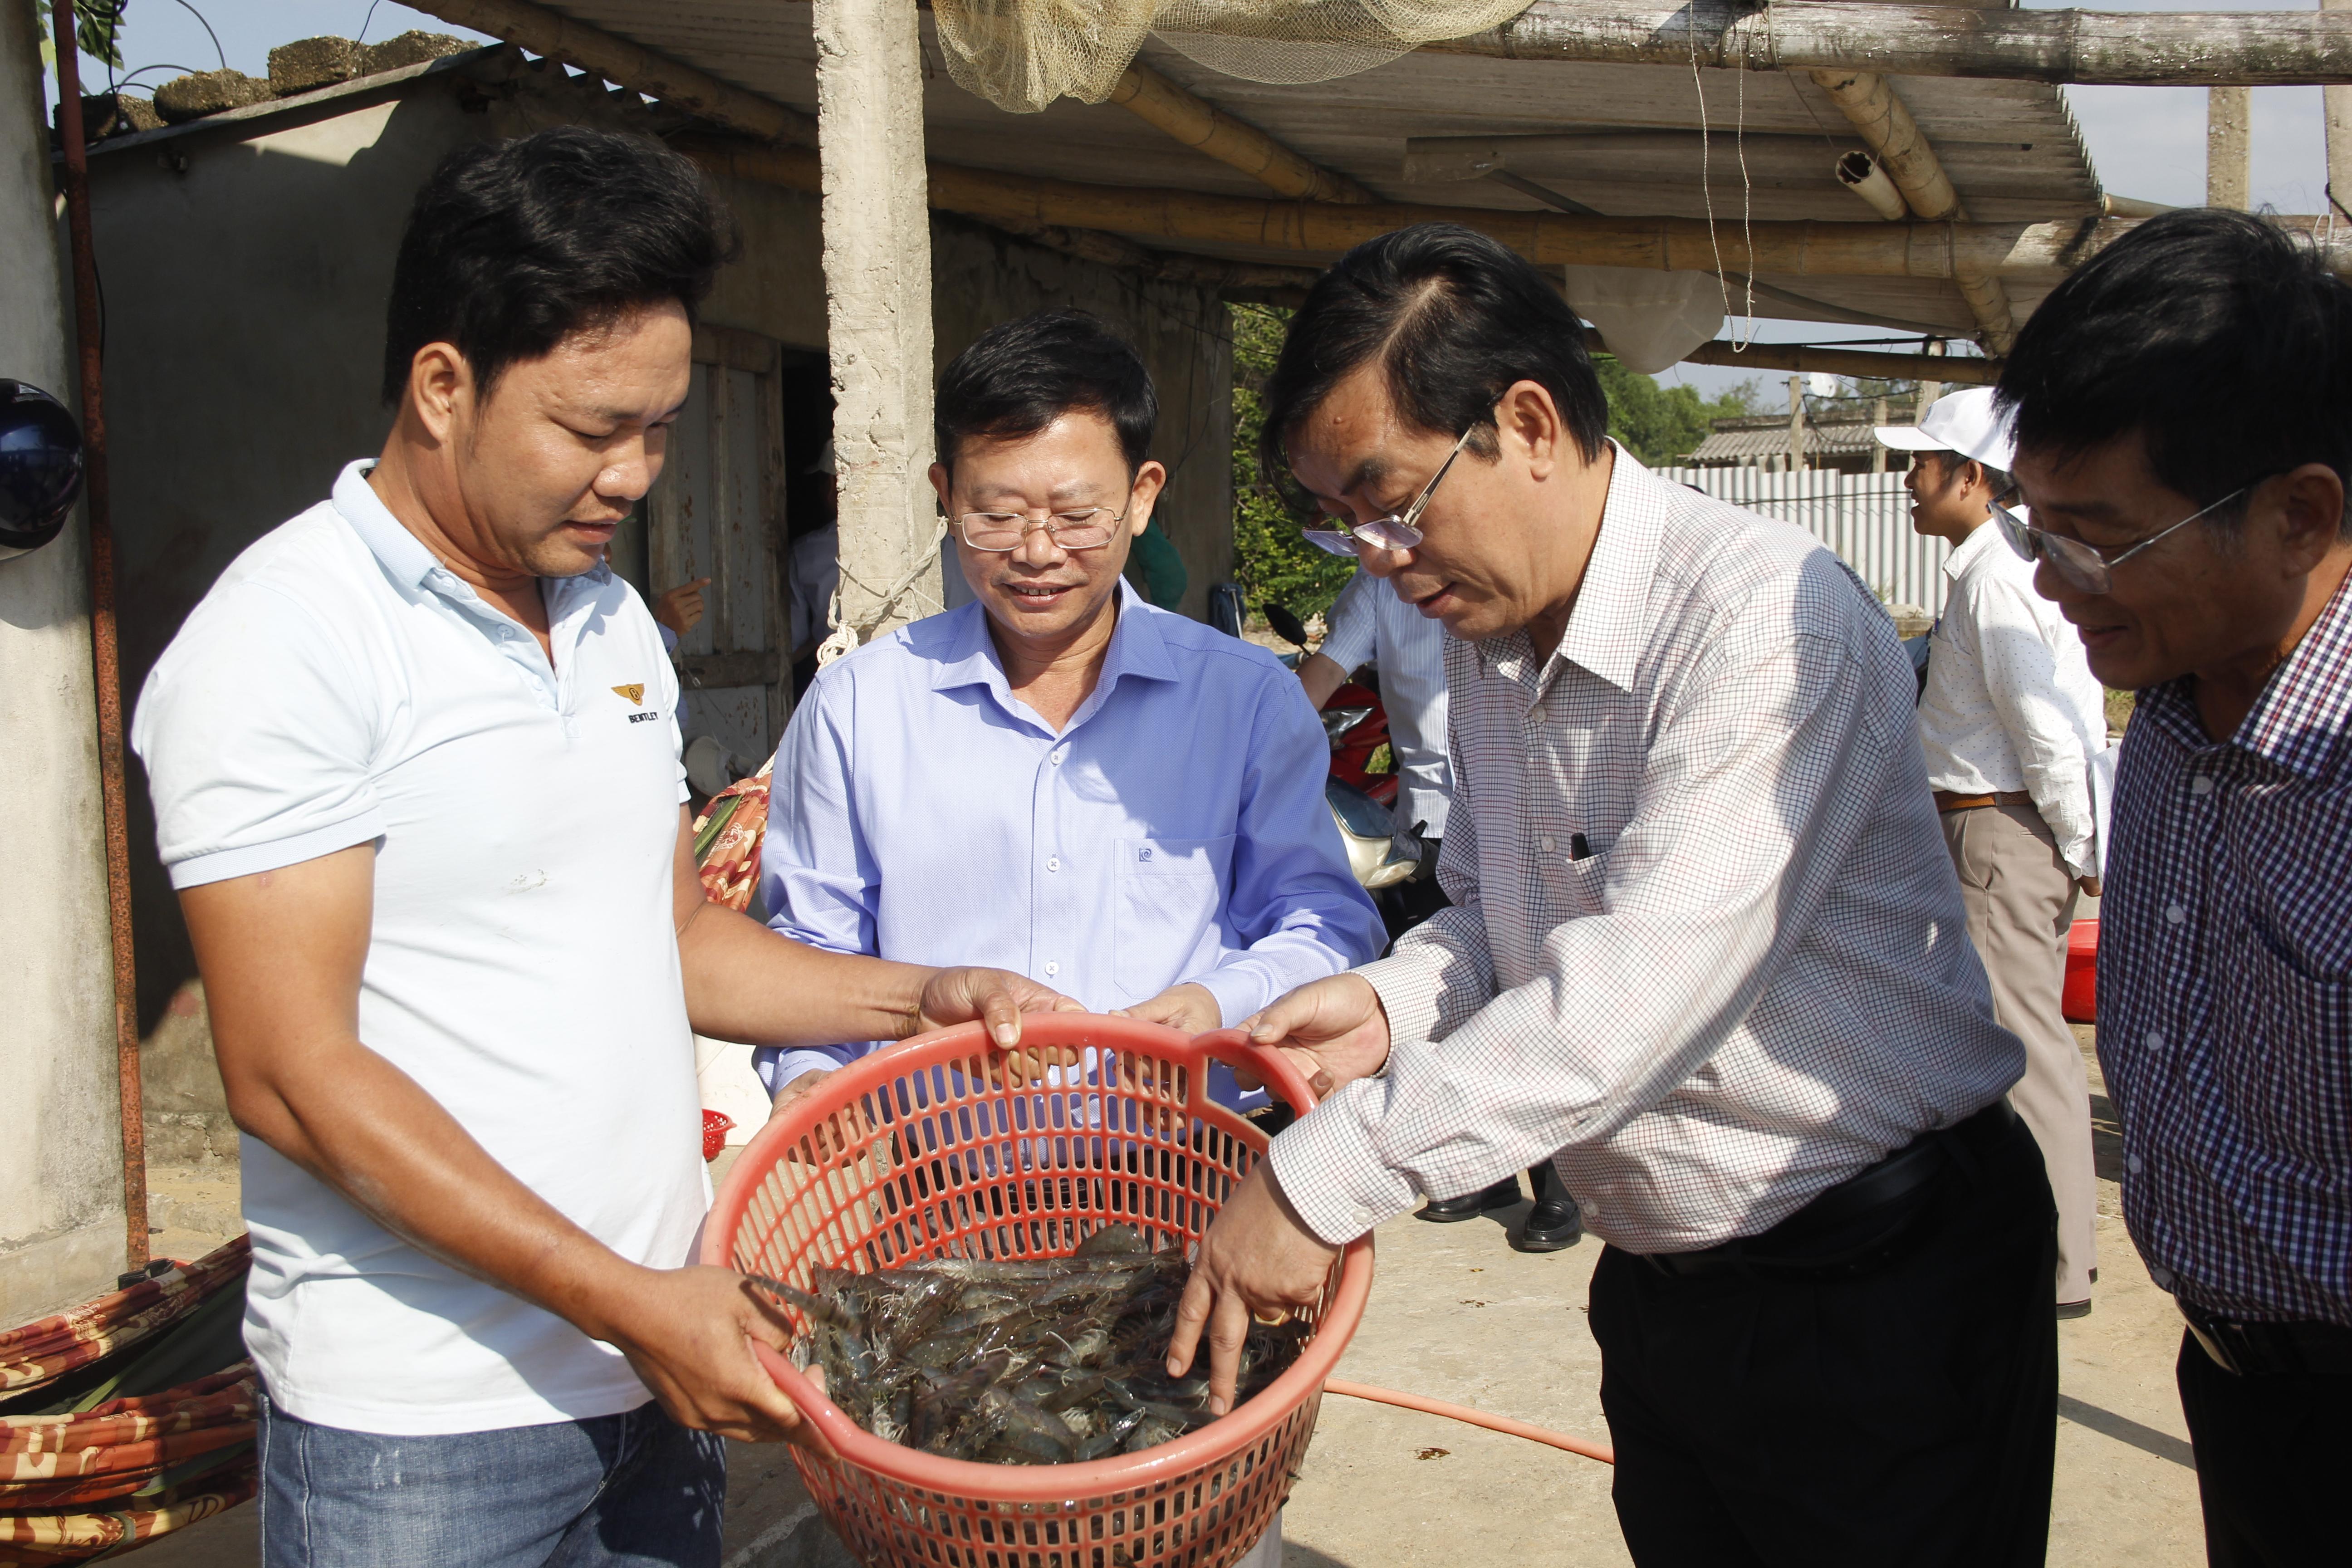 Ông Nguyễn Đức Chính, Chủ tịch UBND tỉnh Quảng Trị đến thăm, động viên nông dân nuôi tôm hai gia đoạn đạt hiệu quả cao ở xã Trung Giang, huyện Gio Linh.